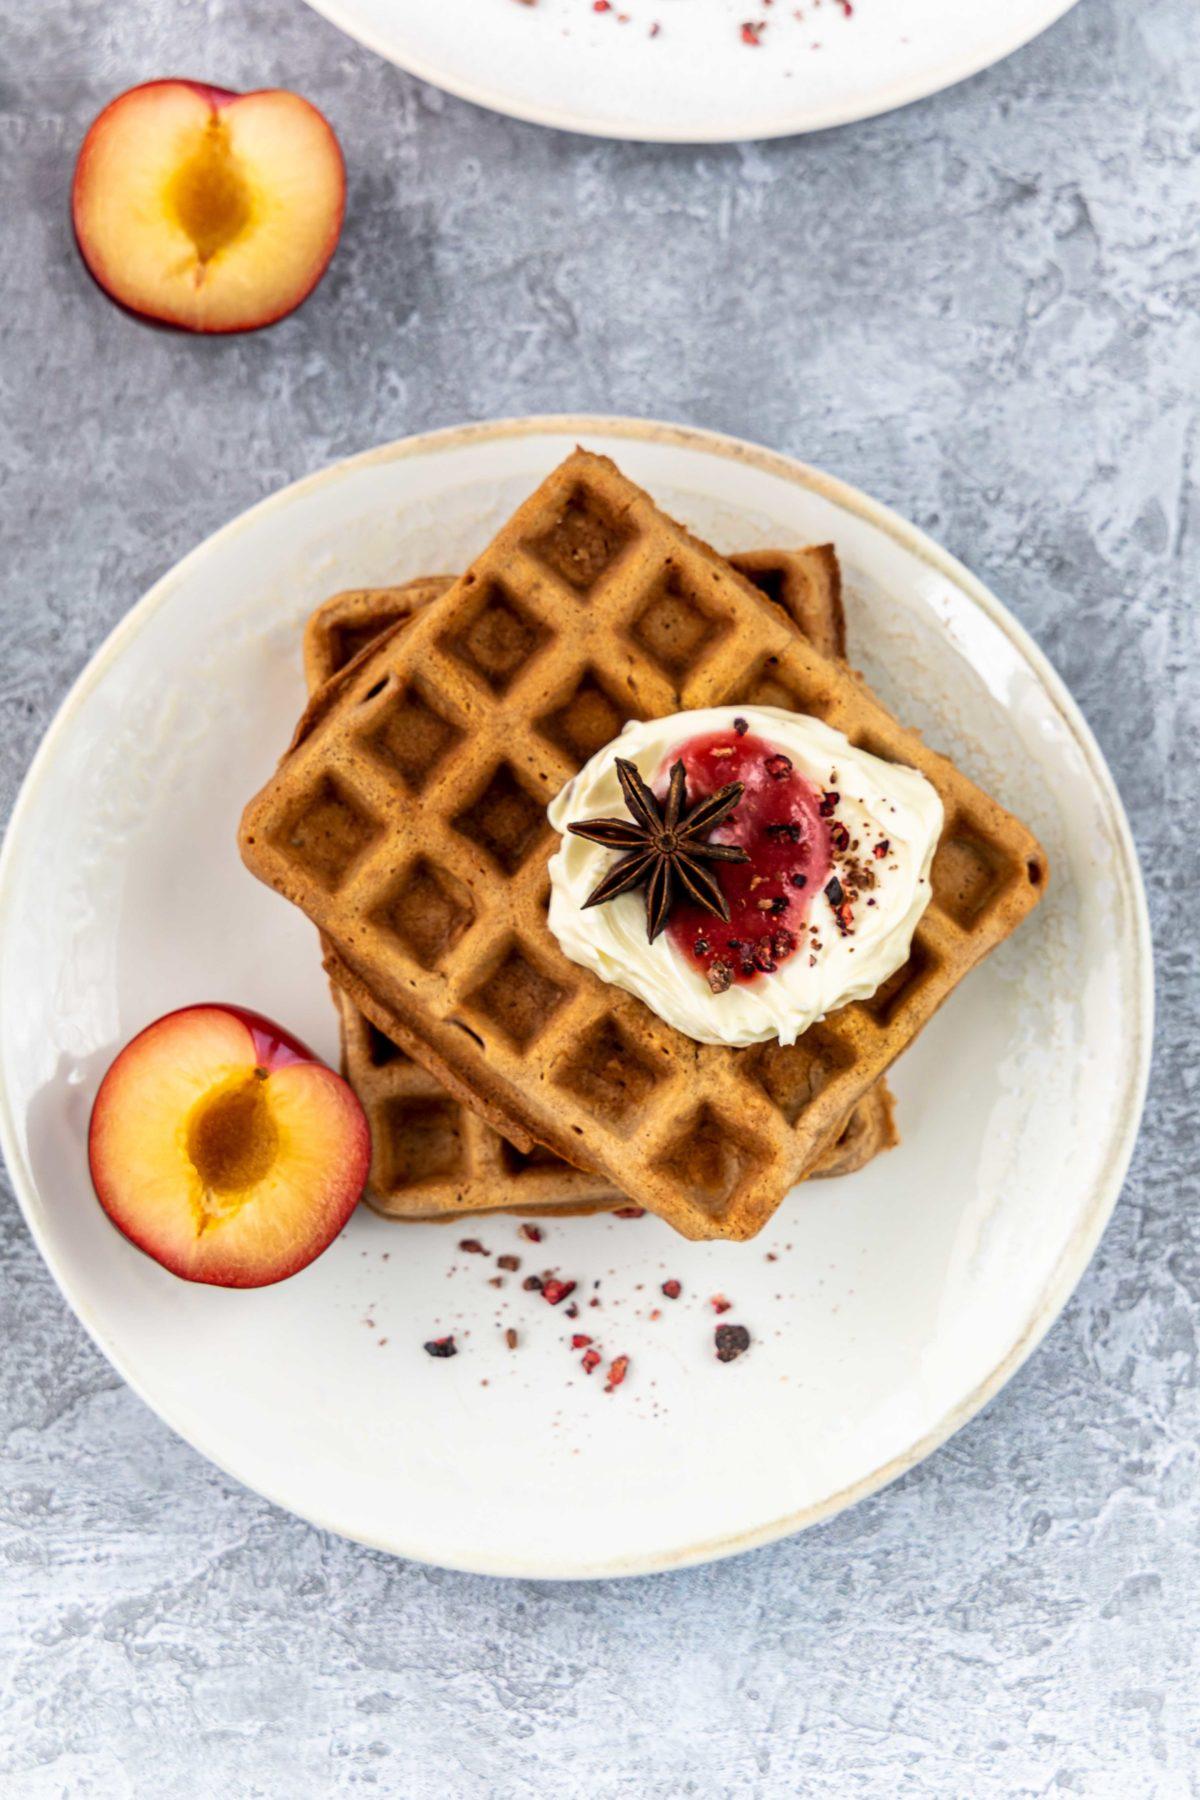 Kakao Waffeln mit Mascarpone und Plaumenmus // Chocolate Waffles with mascarpone and plum jam by https://babyrockmyday.com/kakao-waffeln/